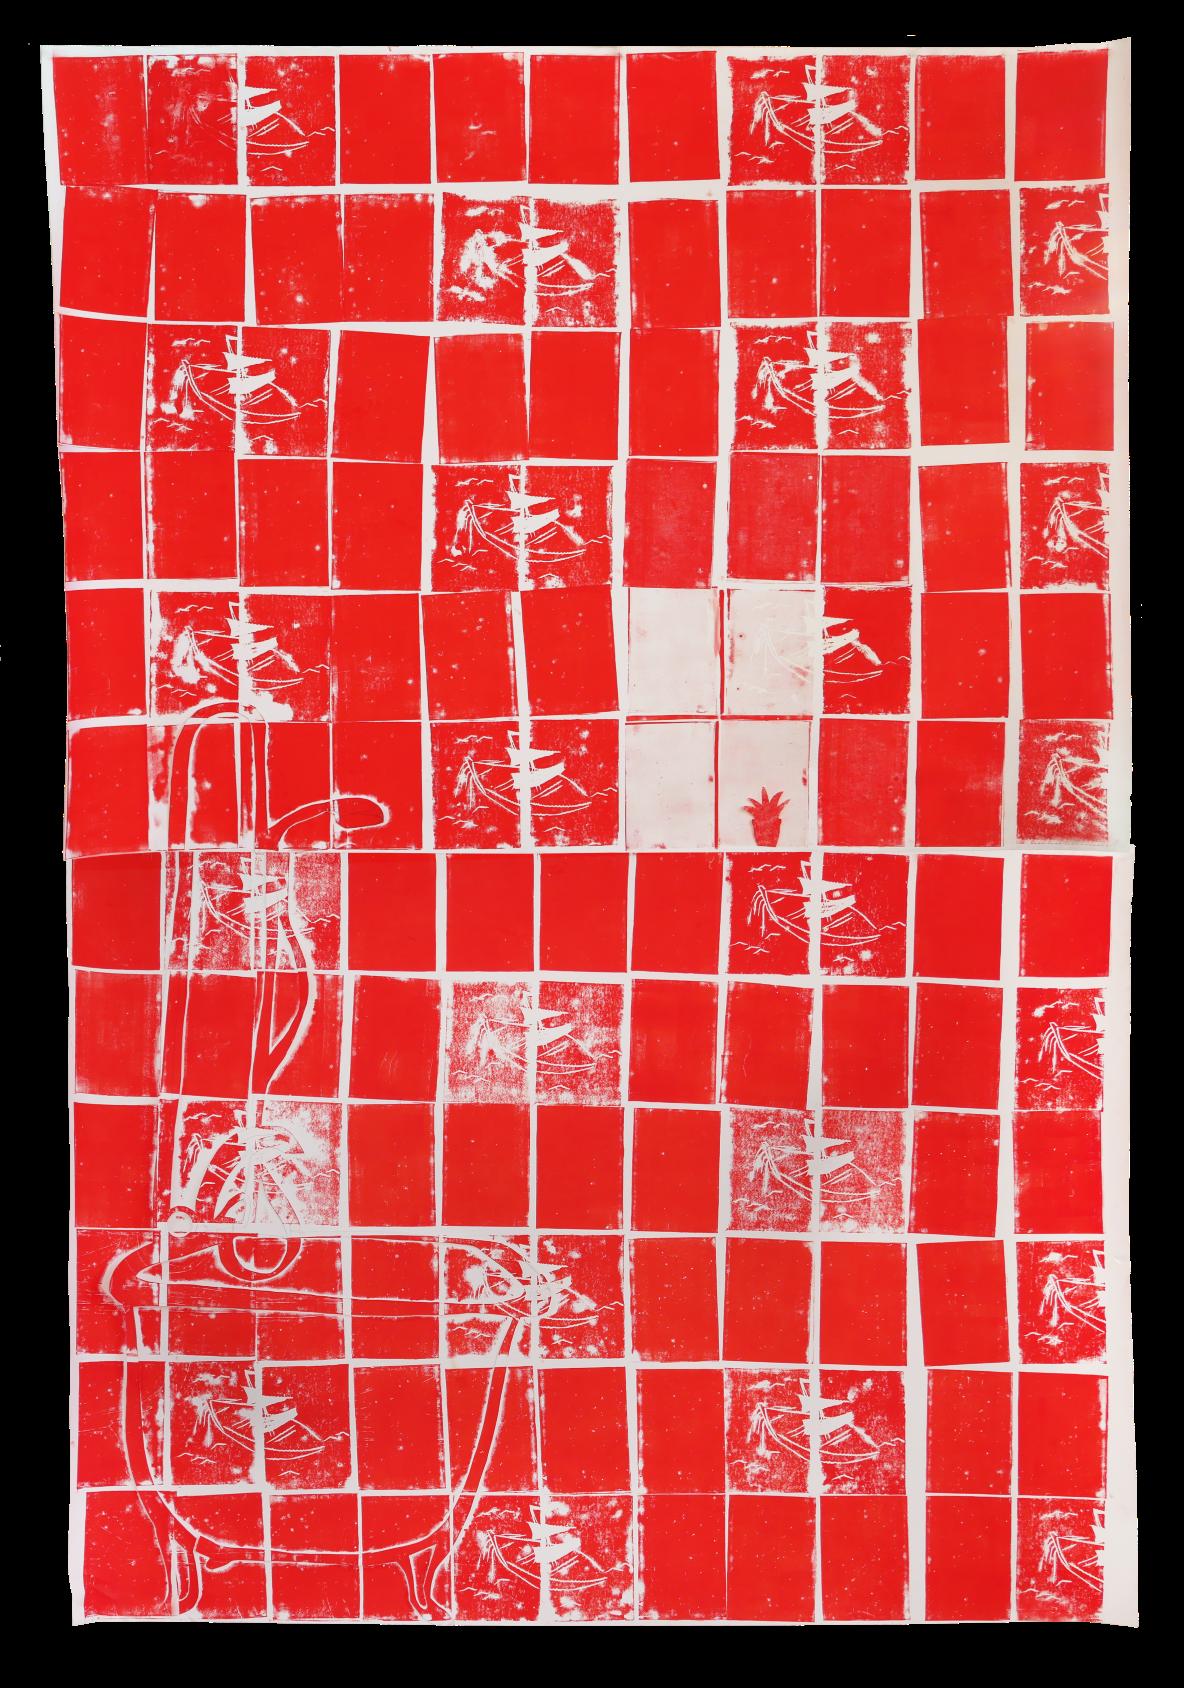 Anna Slobodnik o.T., Zyklus Fliesen, 2019, Linoldruck und Collage auf Papier, 260 x 180 cm, Courtesy: Anna Slobodnik